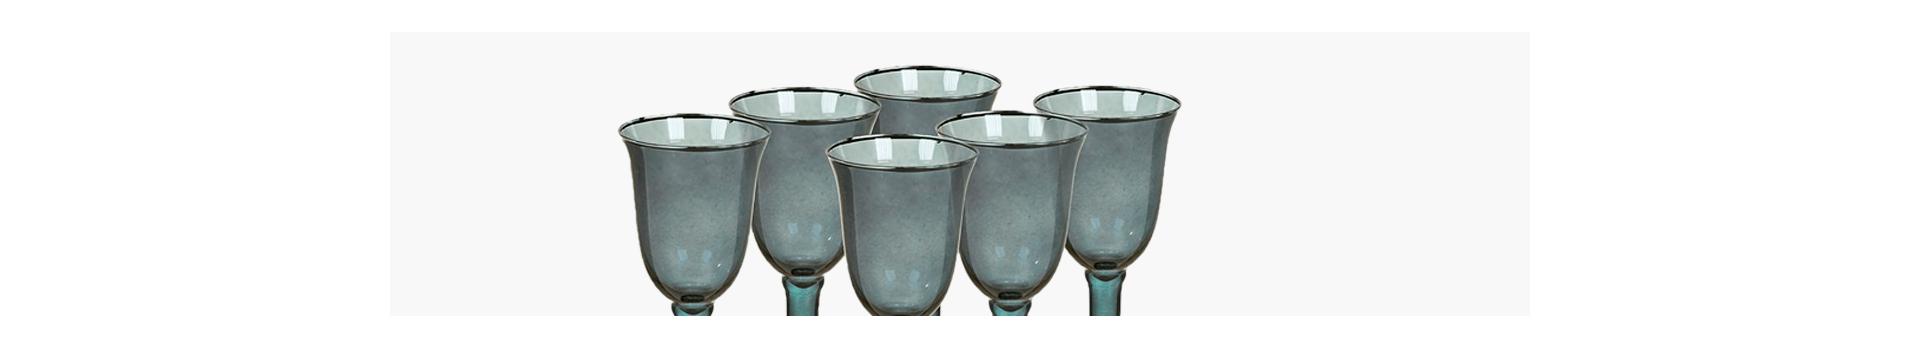 Vasos y Copas de Cocina | Mobelfy ®